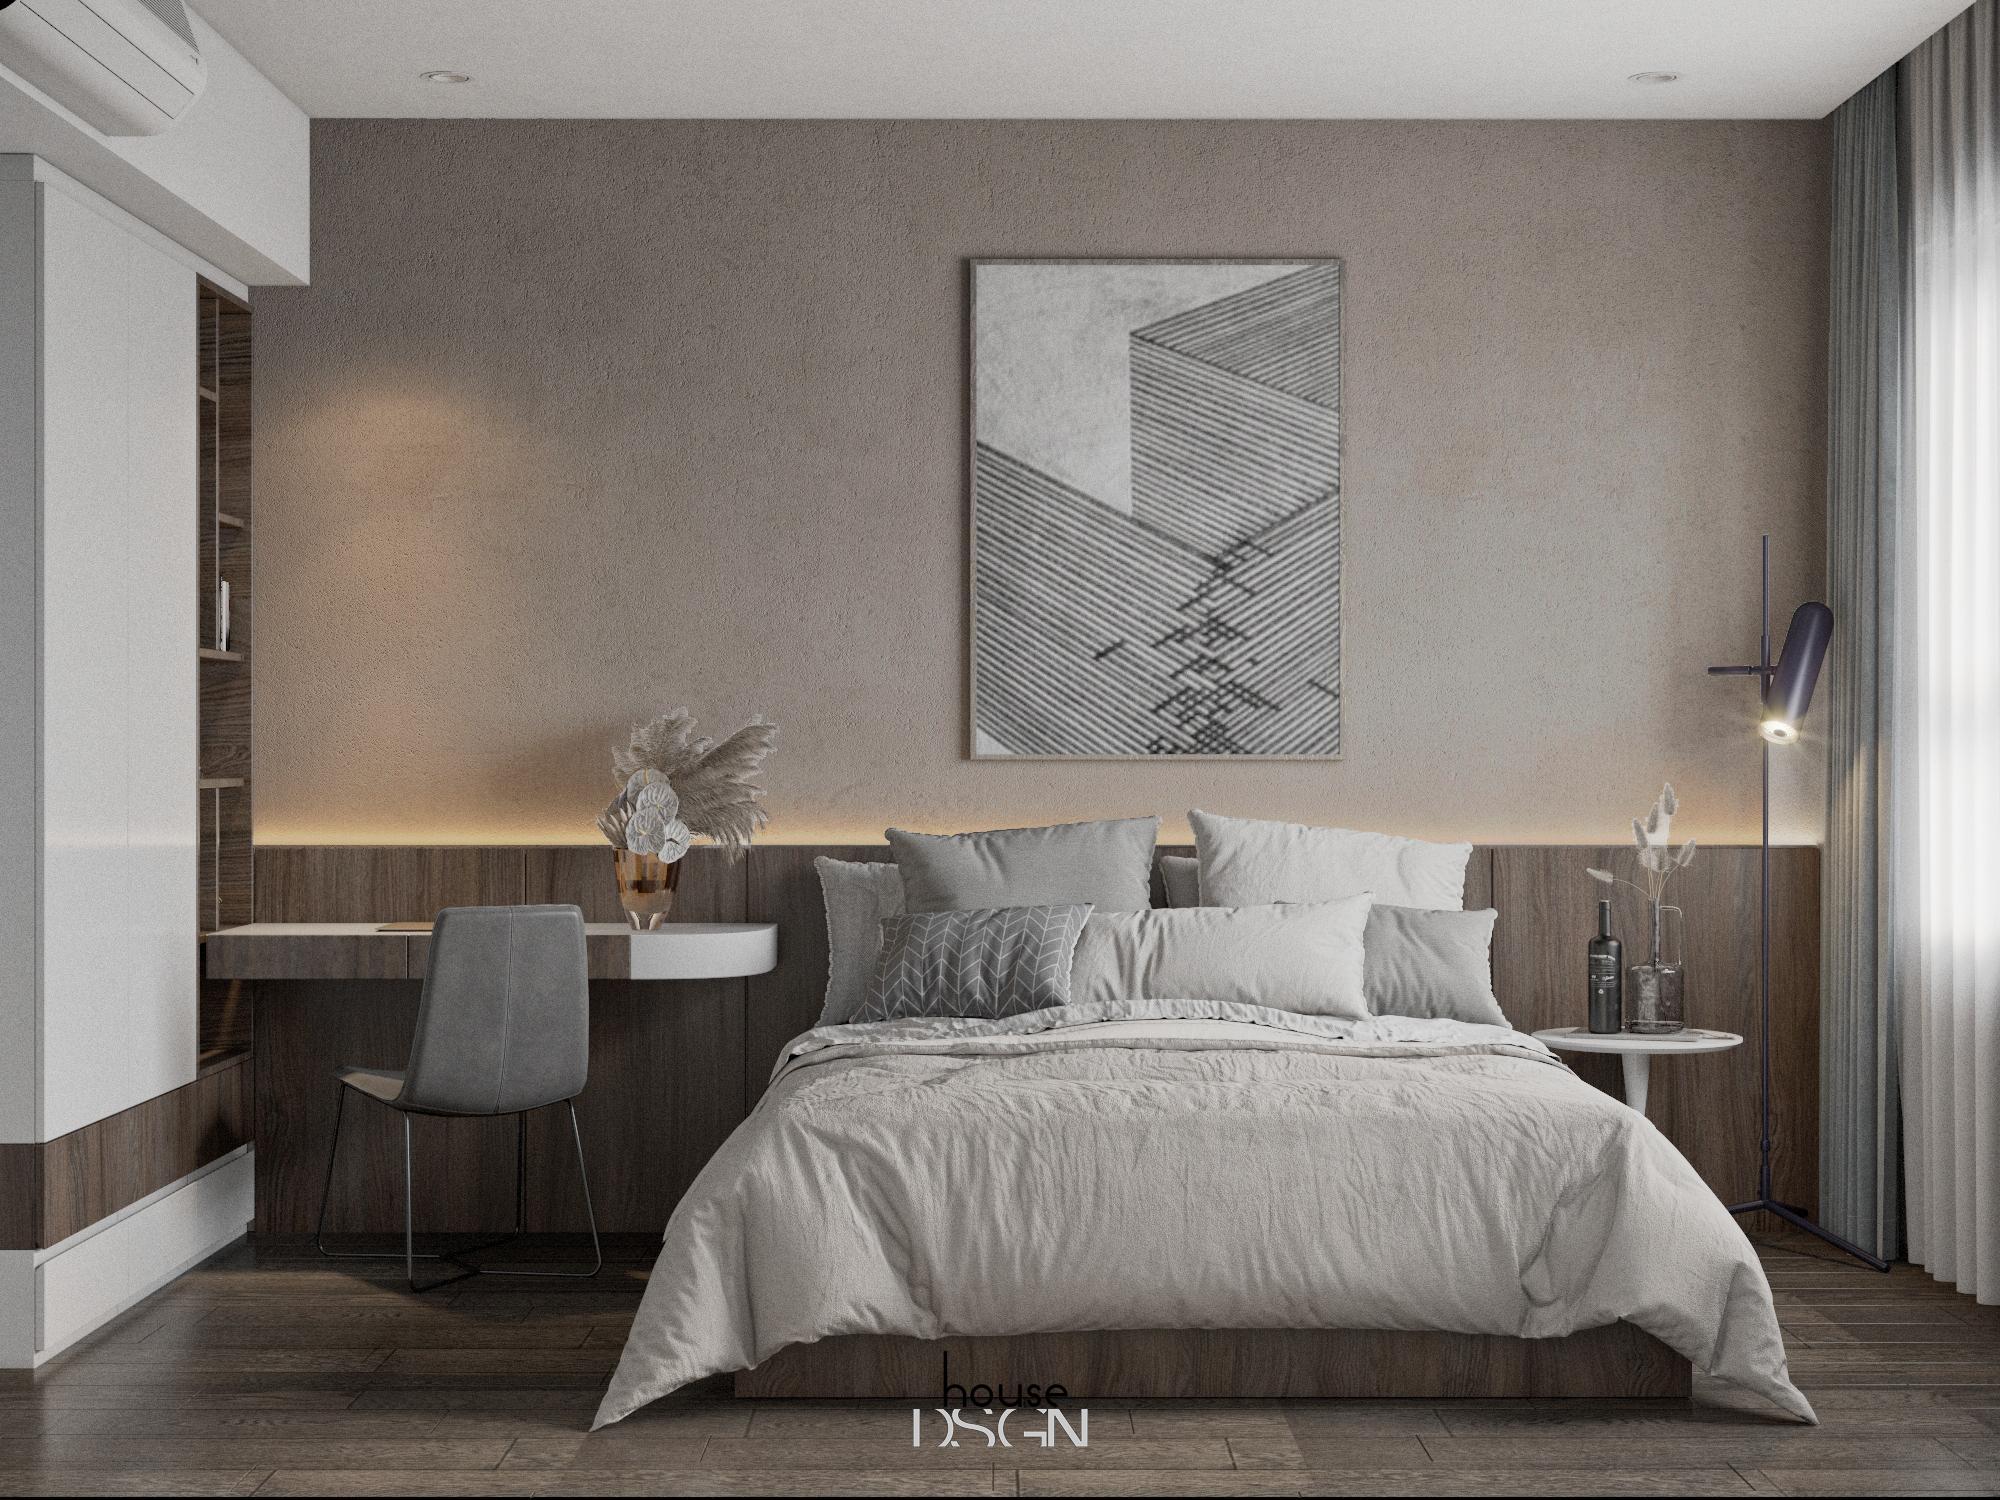 mẫu thiết kế nội thất căn hộ 1 phòng ngủ đẹp